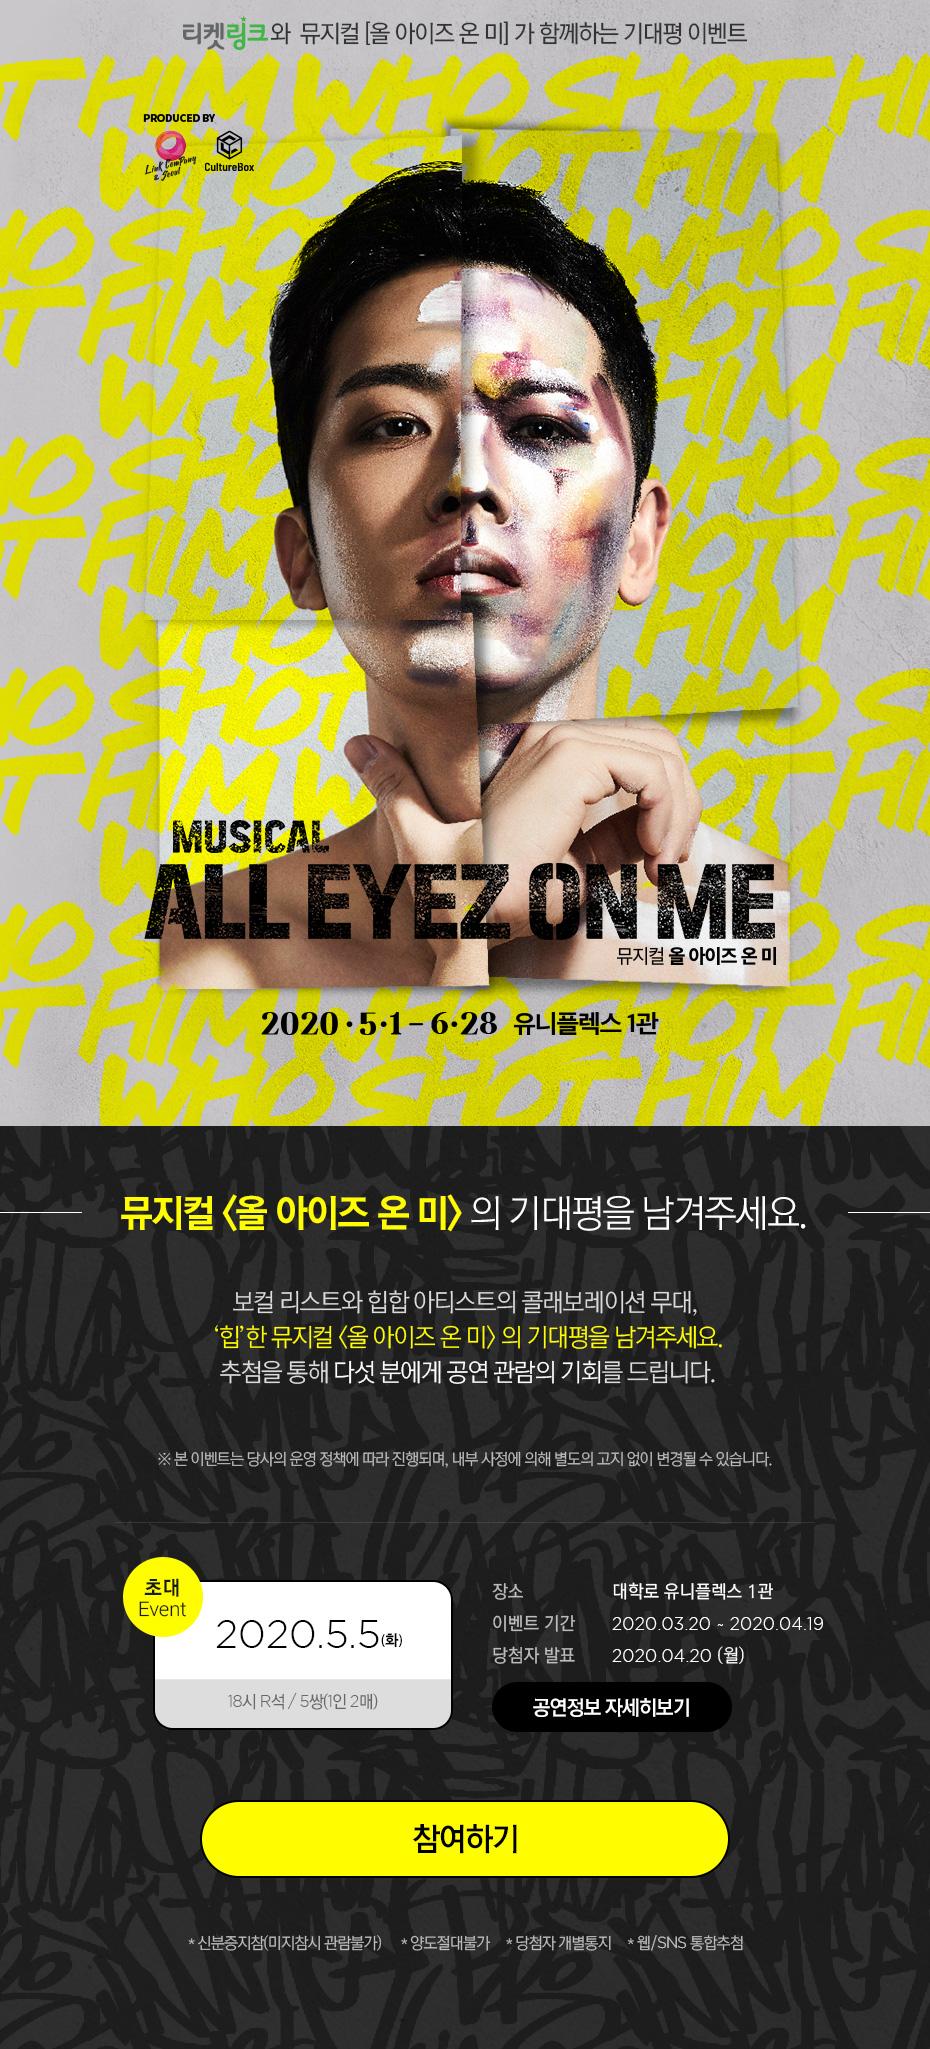 뮤지컬 올 아이즈 온 미 기대평 이벤트